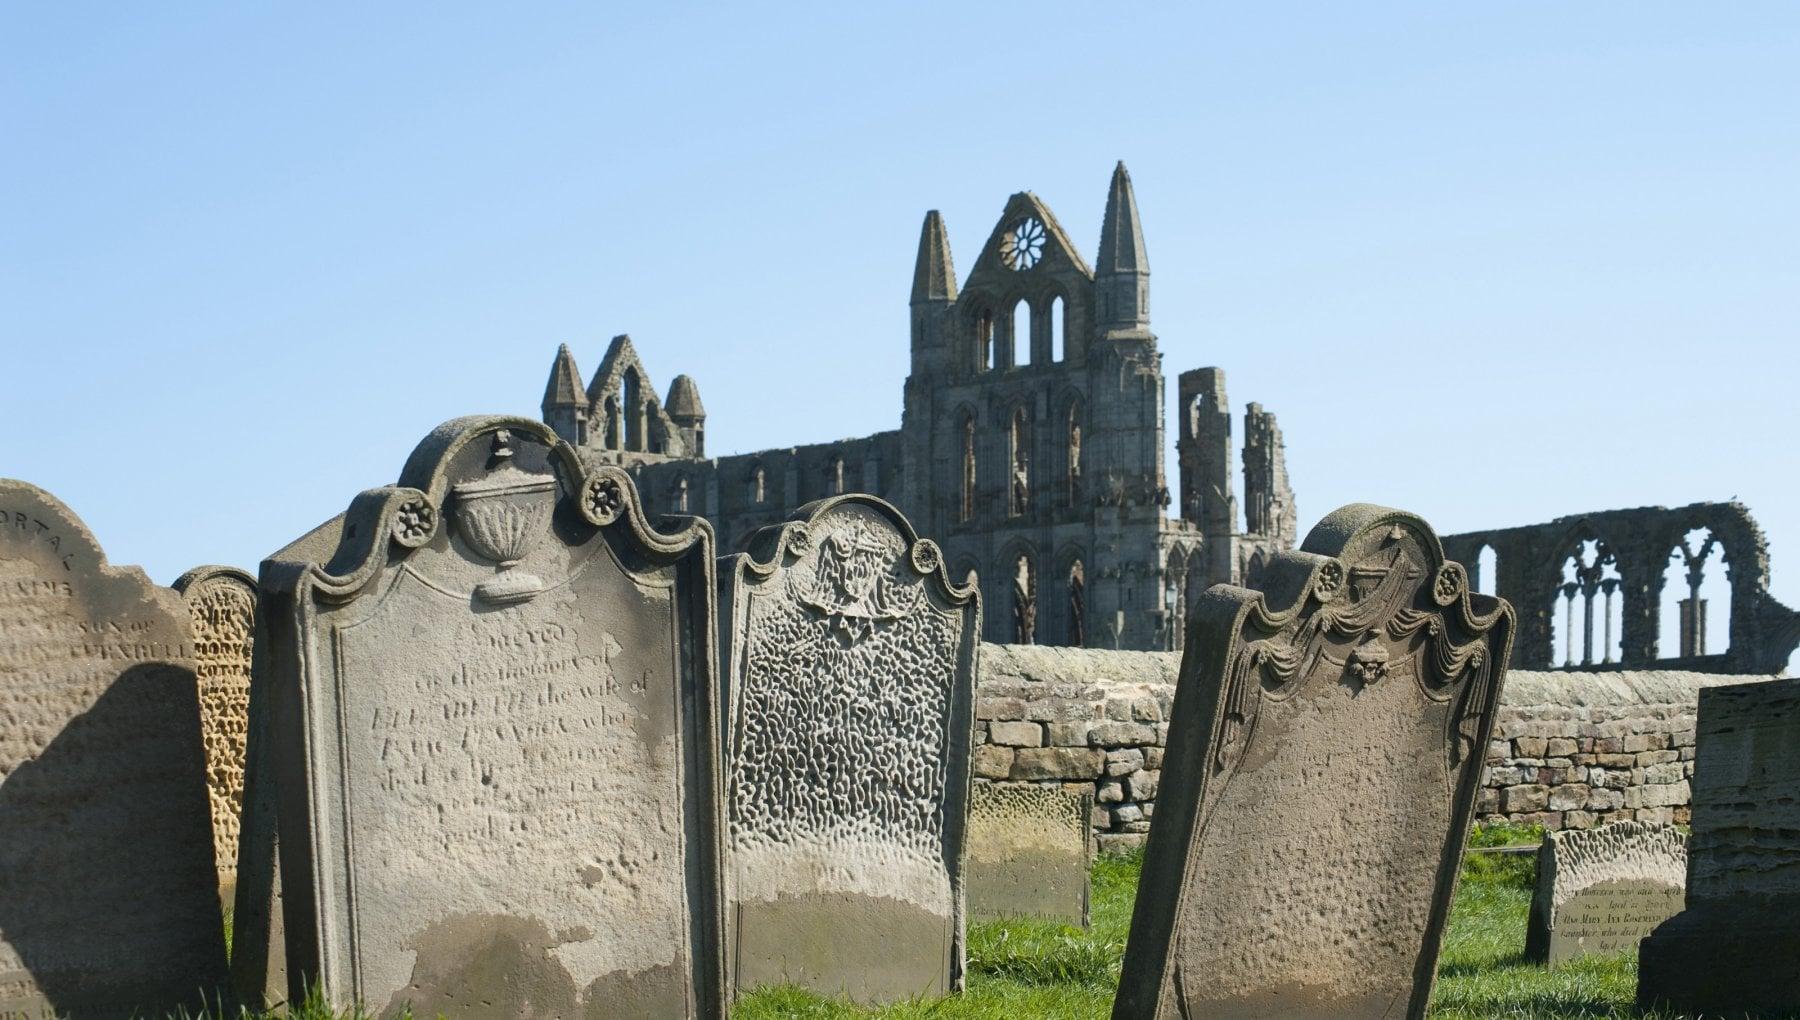 """183909102 448434f5 3dc6 471d 8551 e8b652593c4e - """"Questa non è la tomba di Dracula"""". E il parroco caccia i fan del vampiro"""